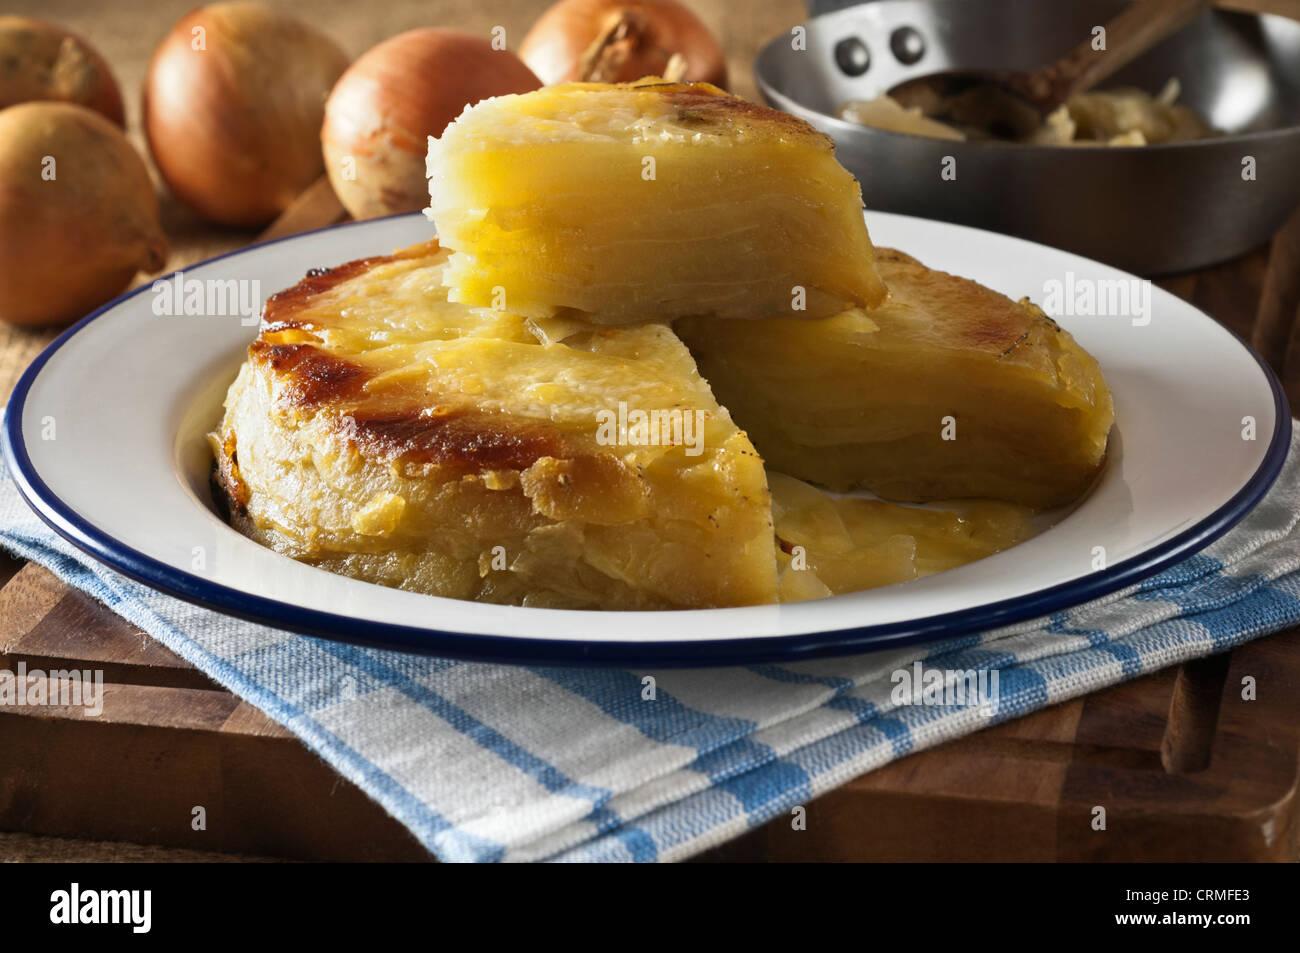 Stock Photo Welsh Onion Cake Potato And Onion Dish Wales Food Uk